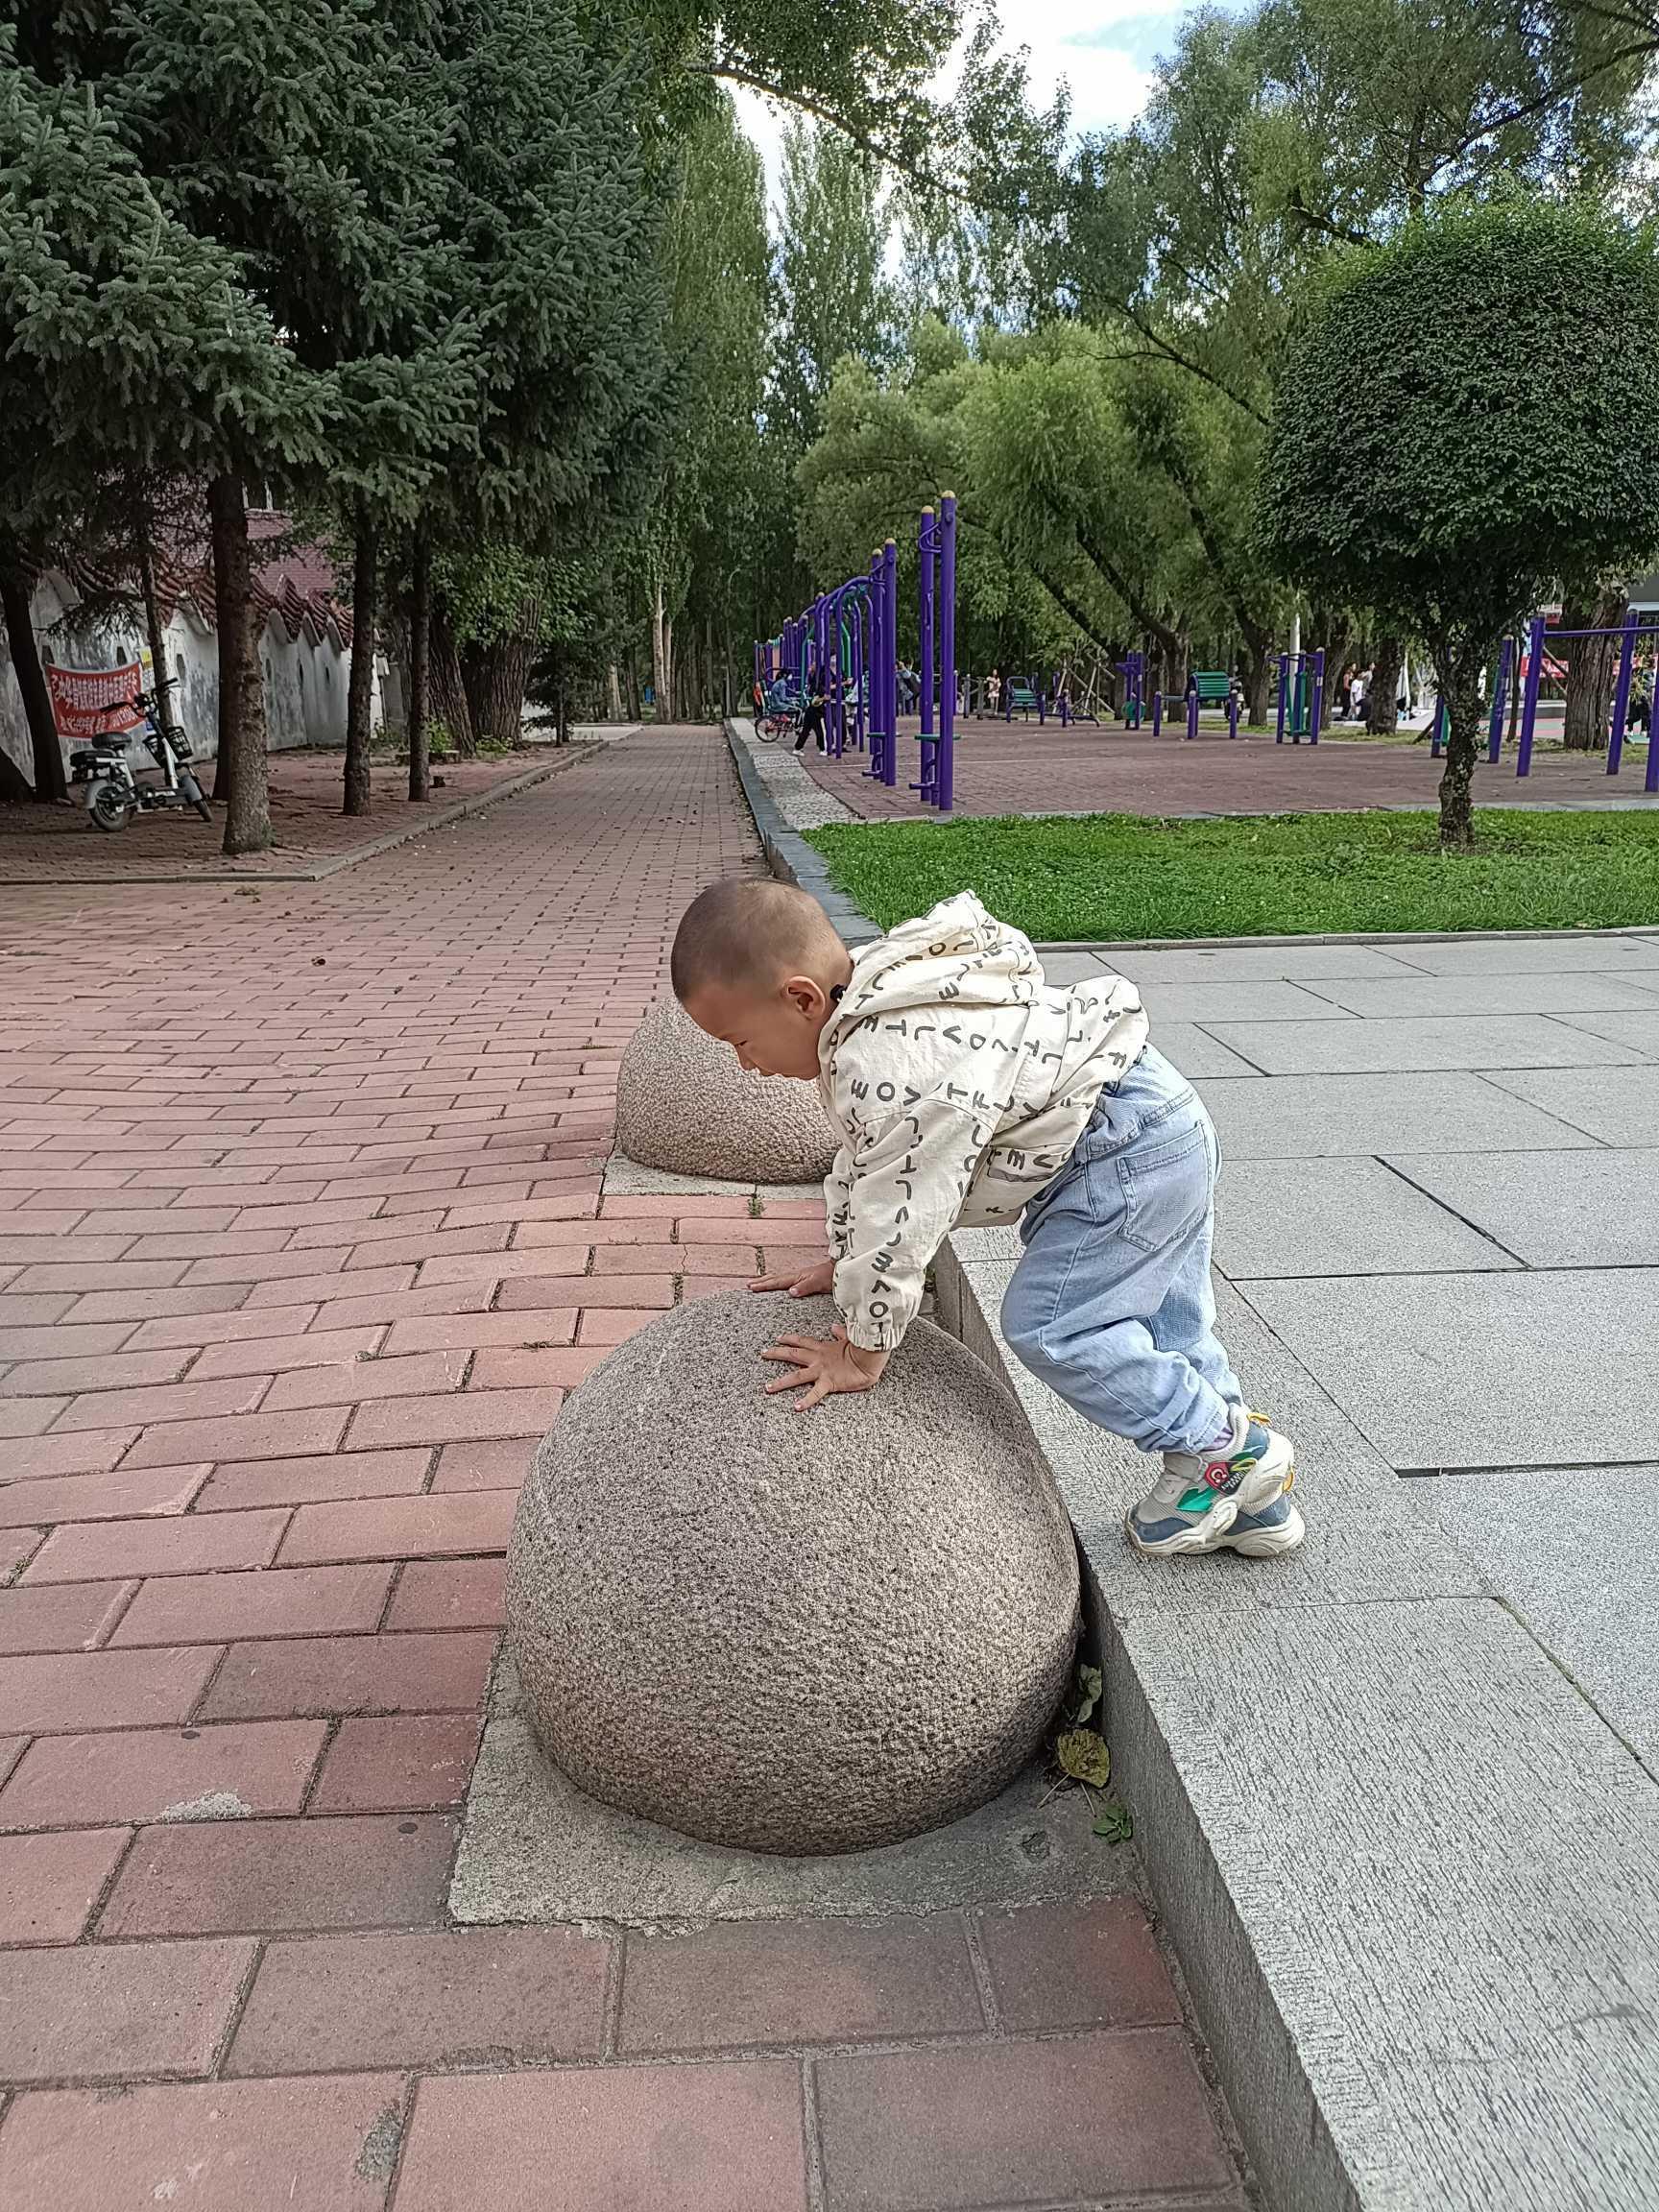 http://sucai.58100.com/data/upload/images/202109/163046273064000.jpg